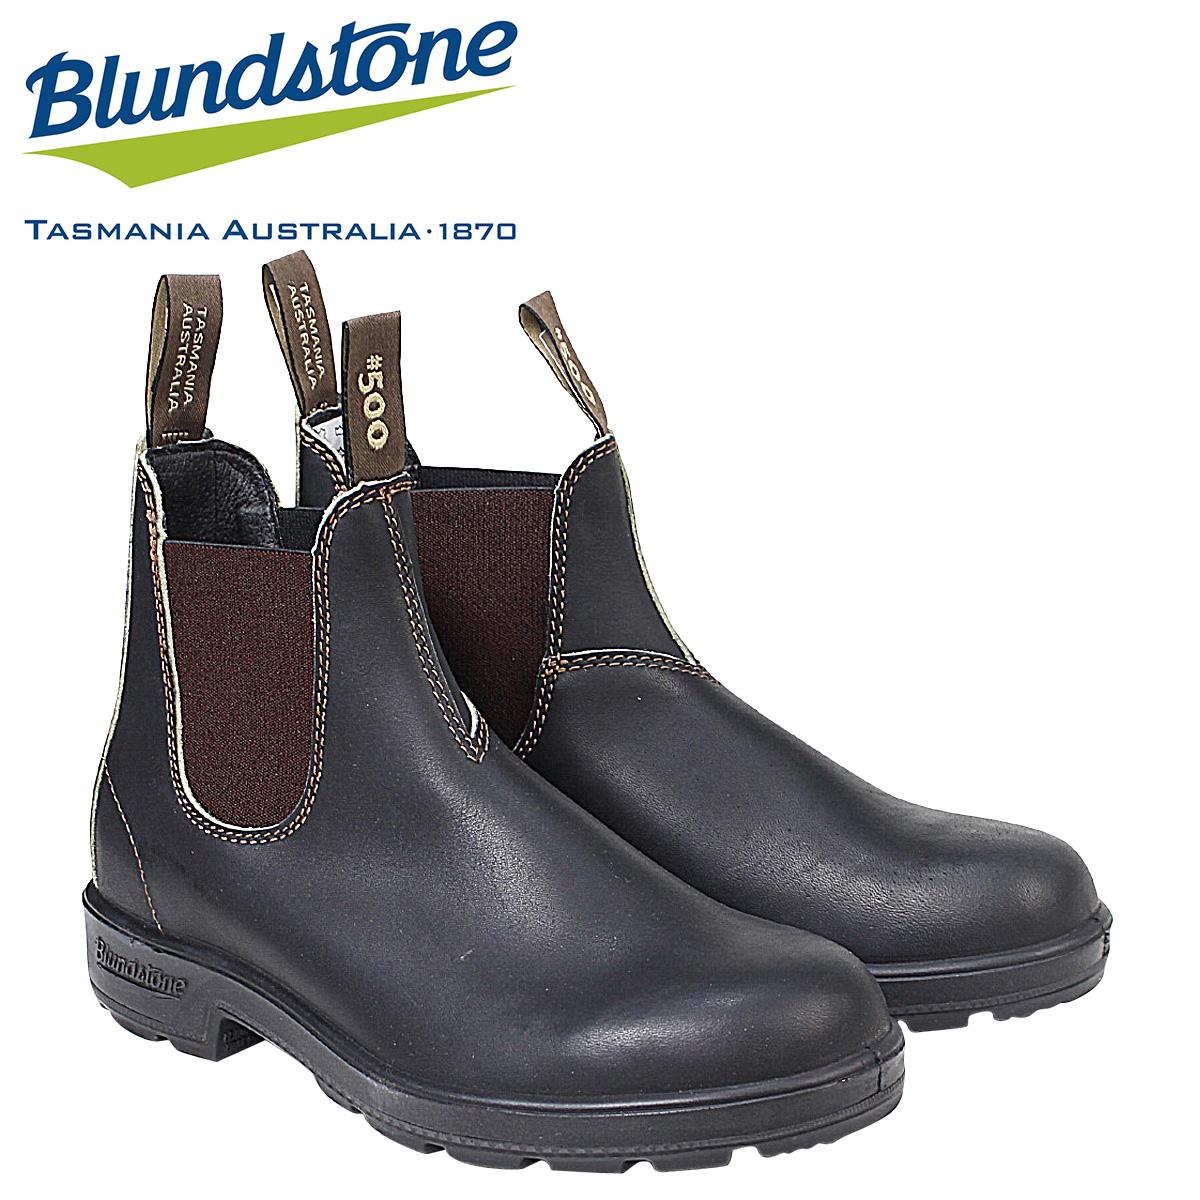 Blundstone DRESS V CUT BOOTS ブランドストーン サイドゴア メンズ 500 ブーツ ブラウン [5/16 追加入荷]